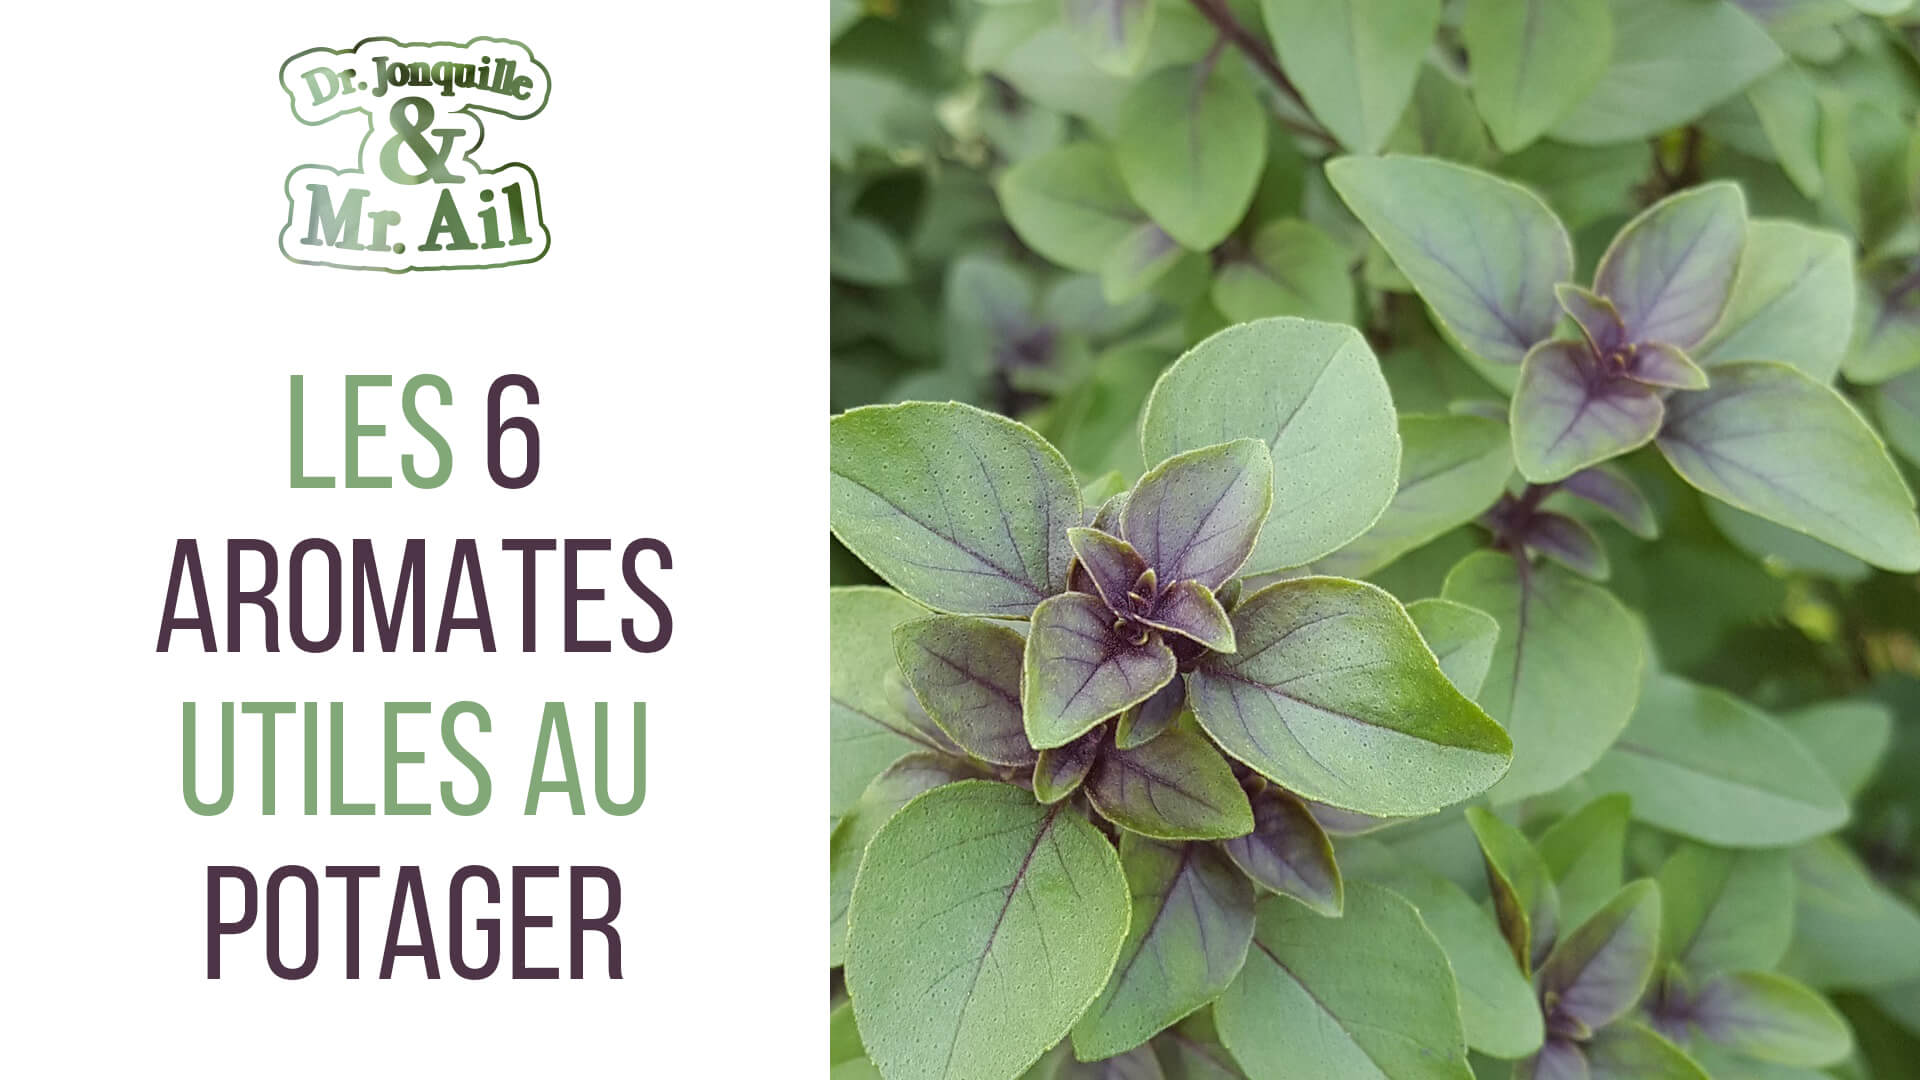 Entretenir Un Pied De Basilic les 6 plantes aromatiques utiles au potager | dr. jonquille